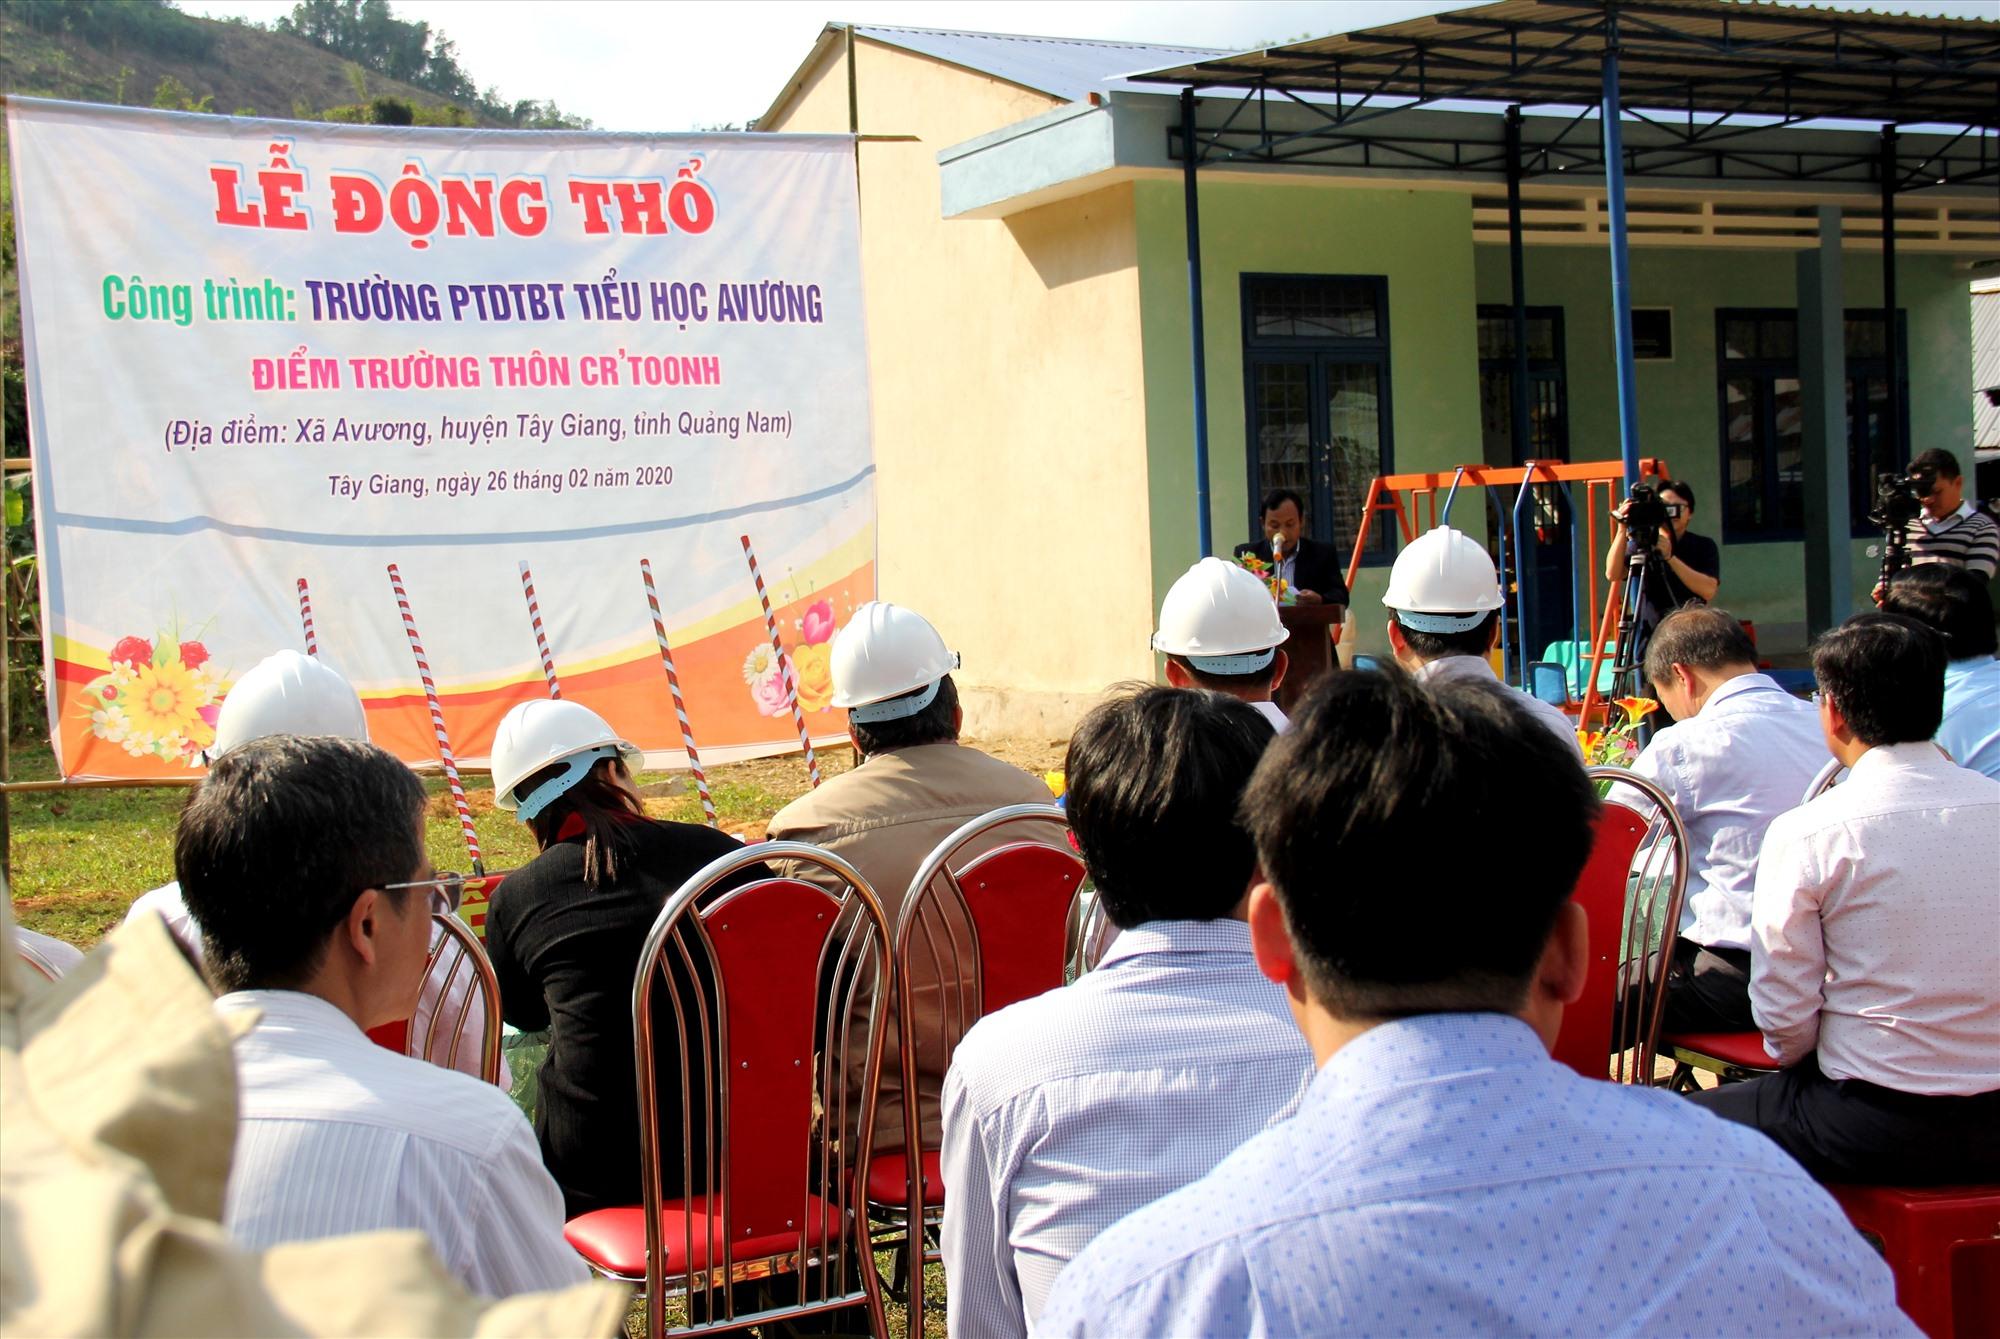 Các đại biểu tham dự lễ động thổ công trình điểm trường tiểu học thôn Cr'toonh. Ảnh: A.N